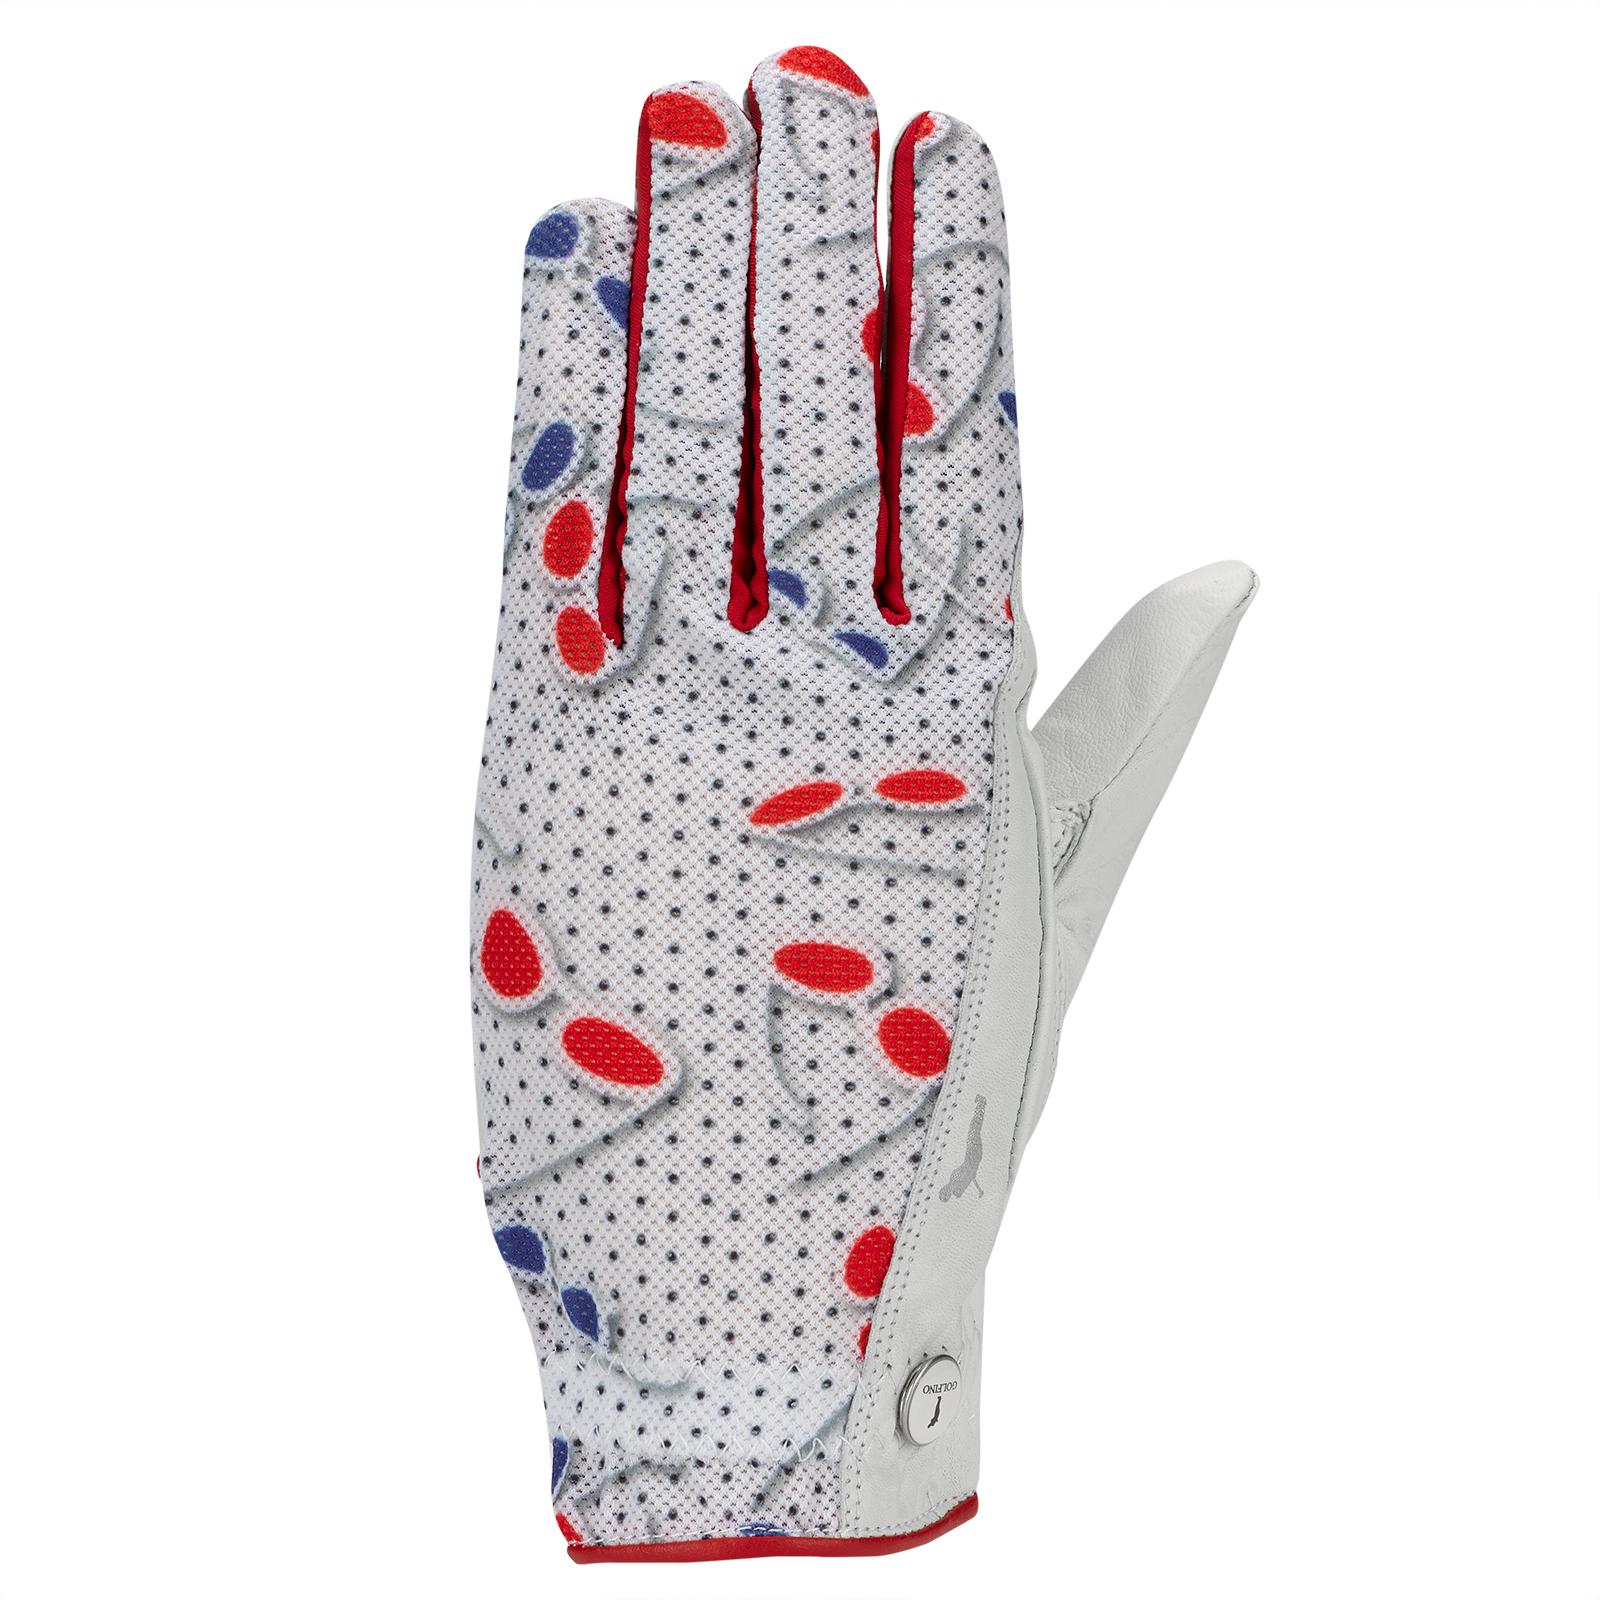 Linker Damen Golfhandschuh aus Nappaleder mit modischem Print